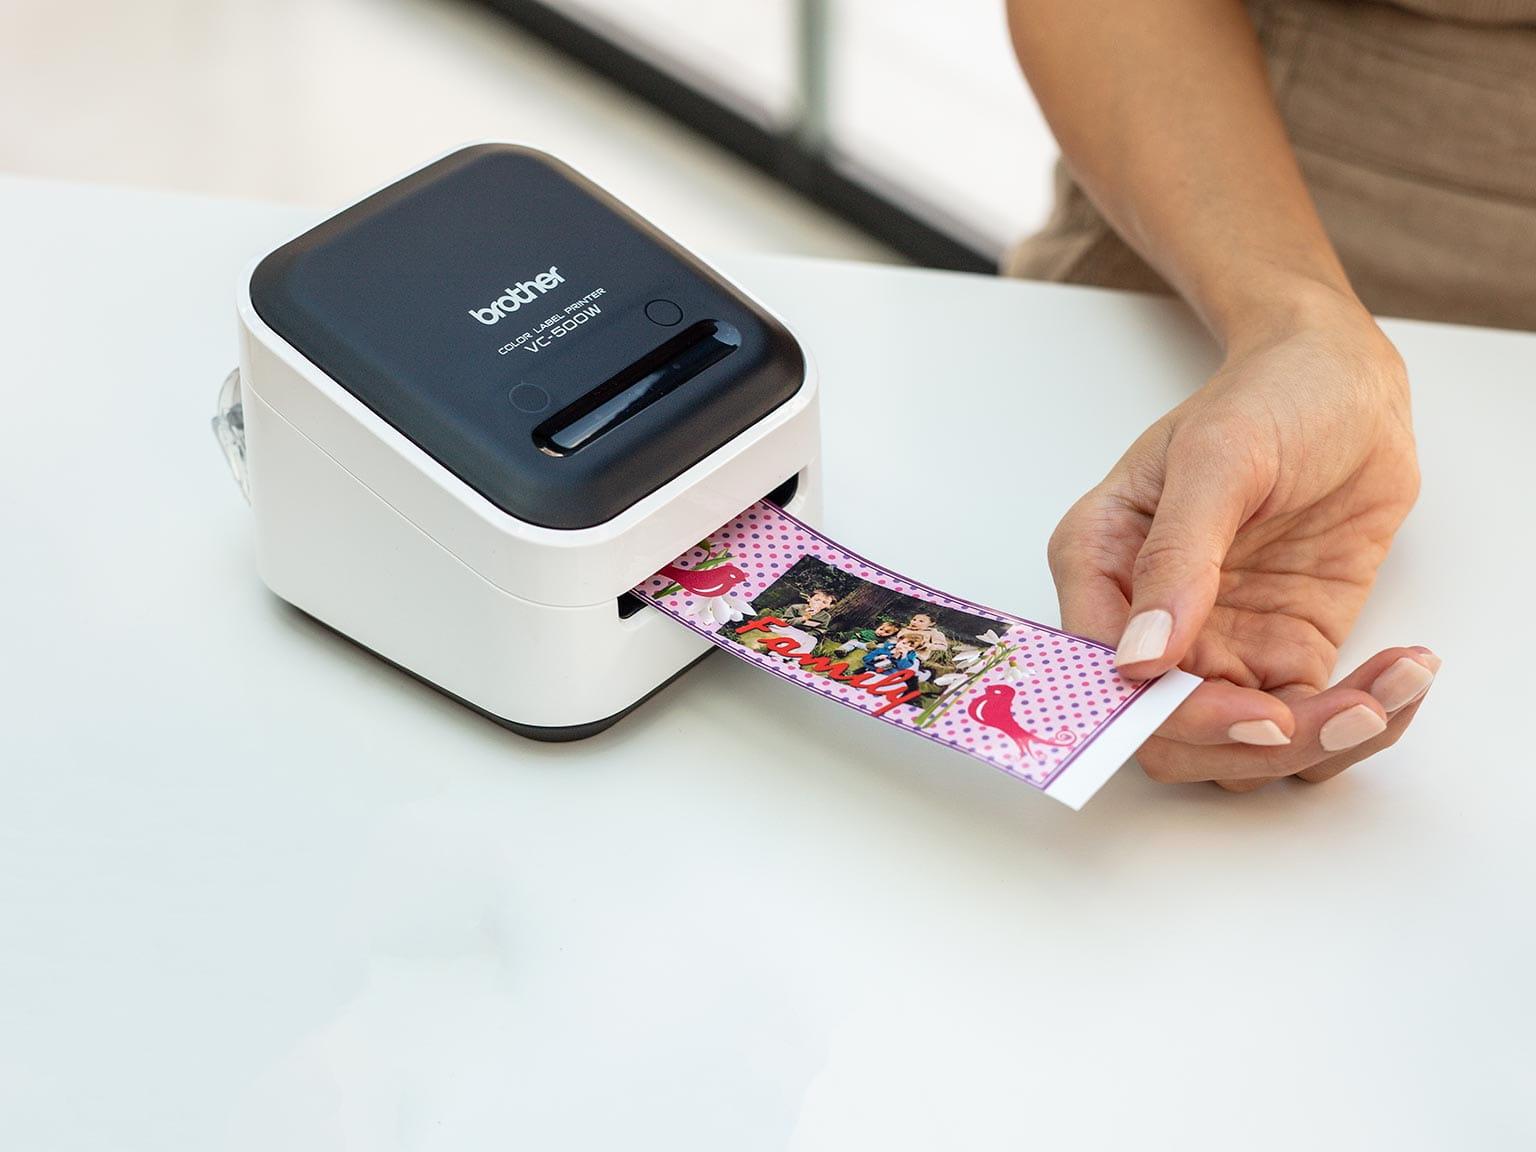 Brother VC500W fullfarge etikettskriver printer ut en bred etikett inkludert utklipp og fotografi